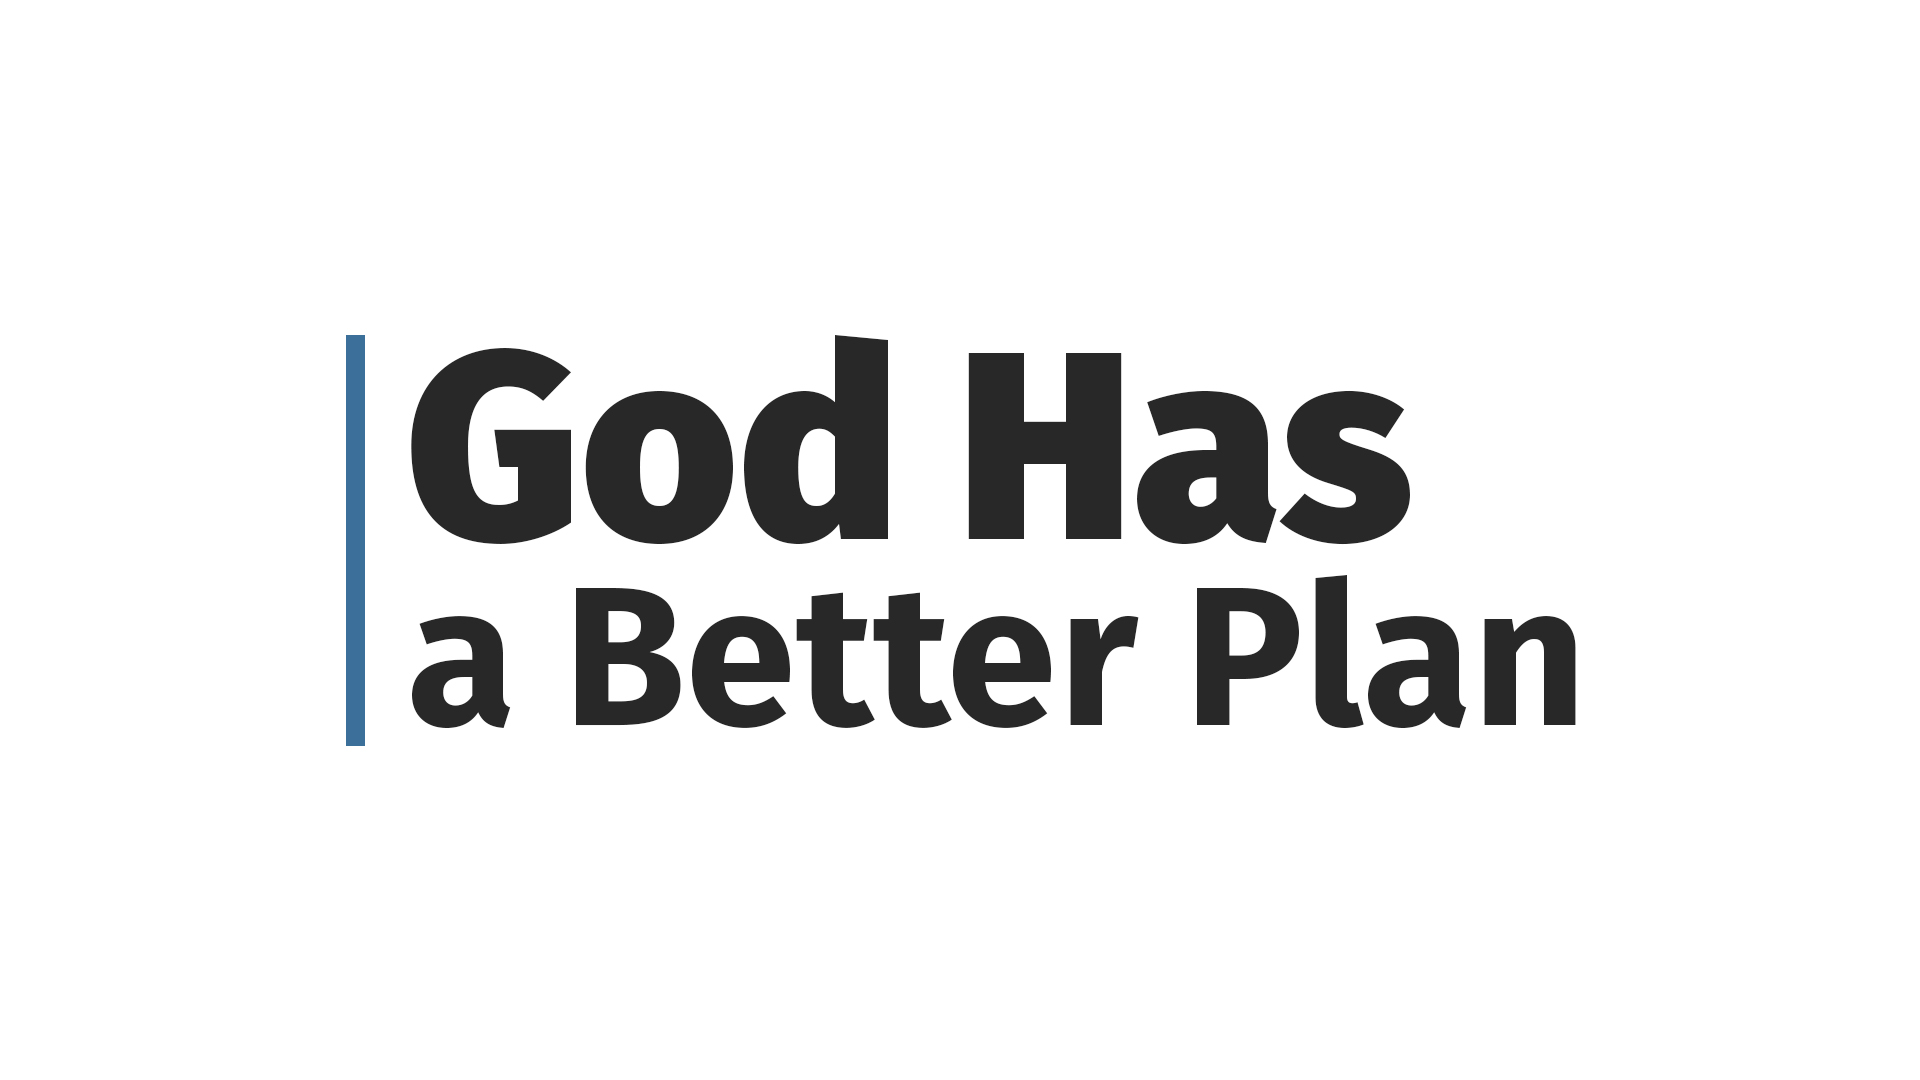 God Has a Better Plan  - September 2017